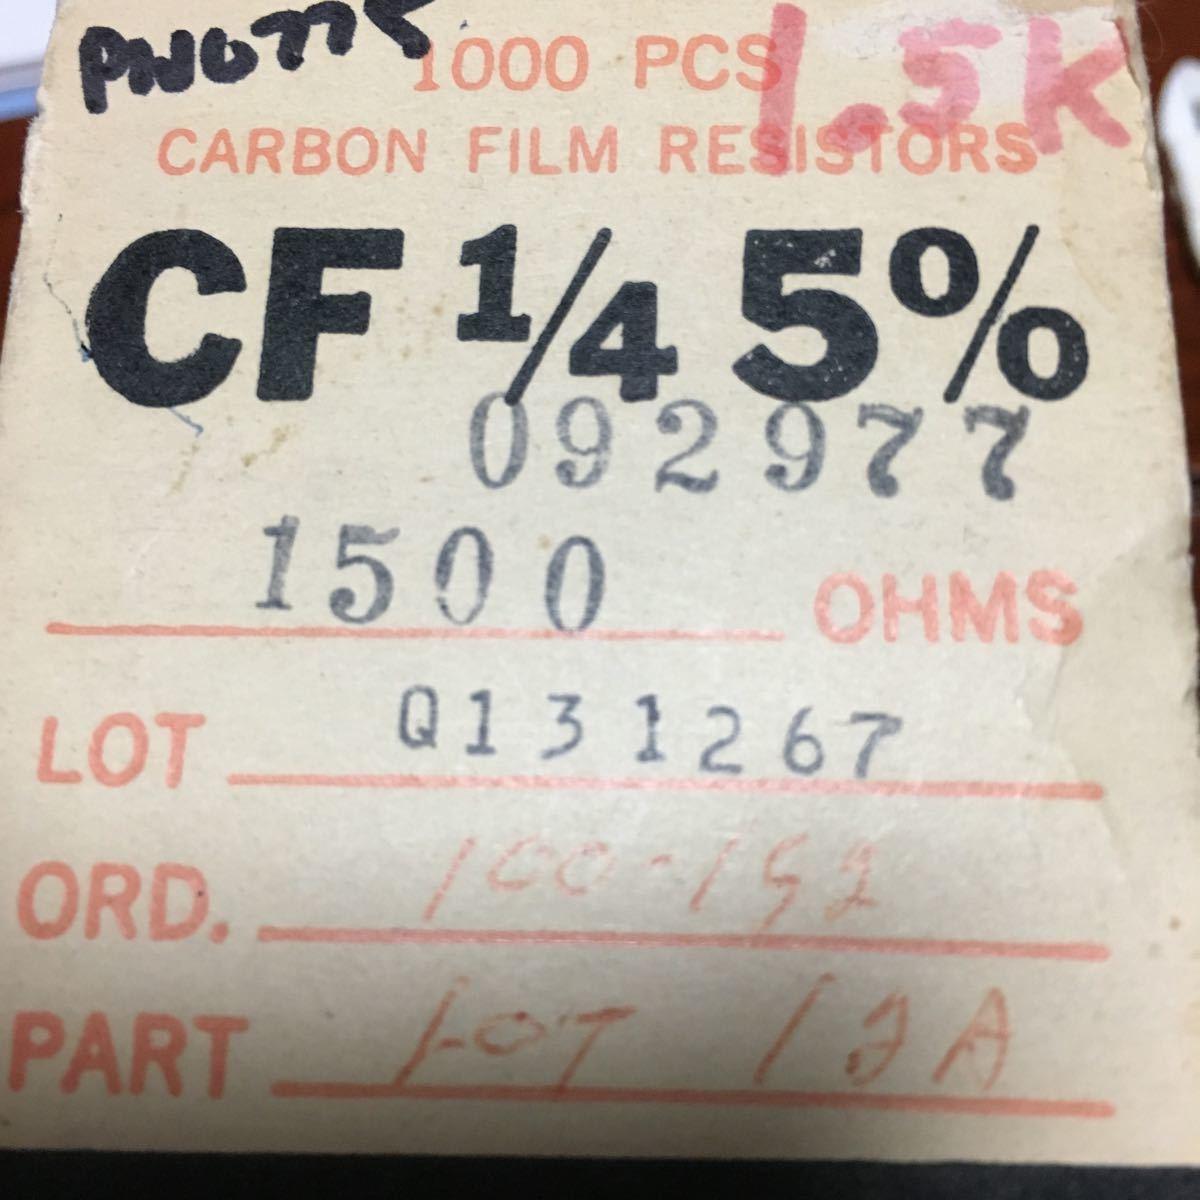 AIRCO CF1/4 1.5kオーム 50本_画像1